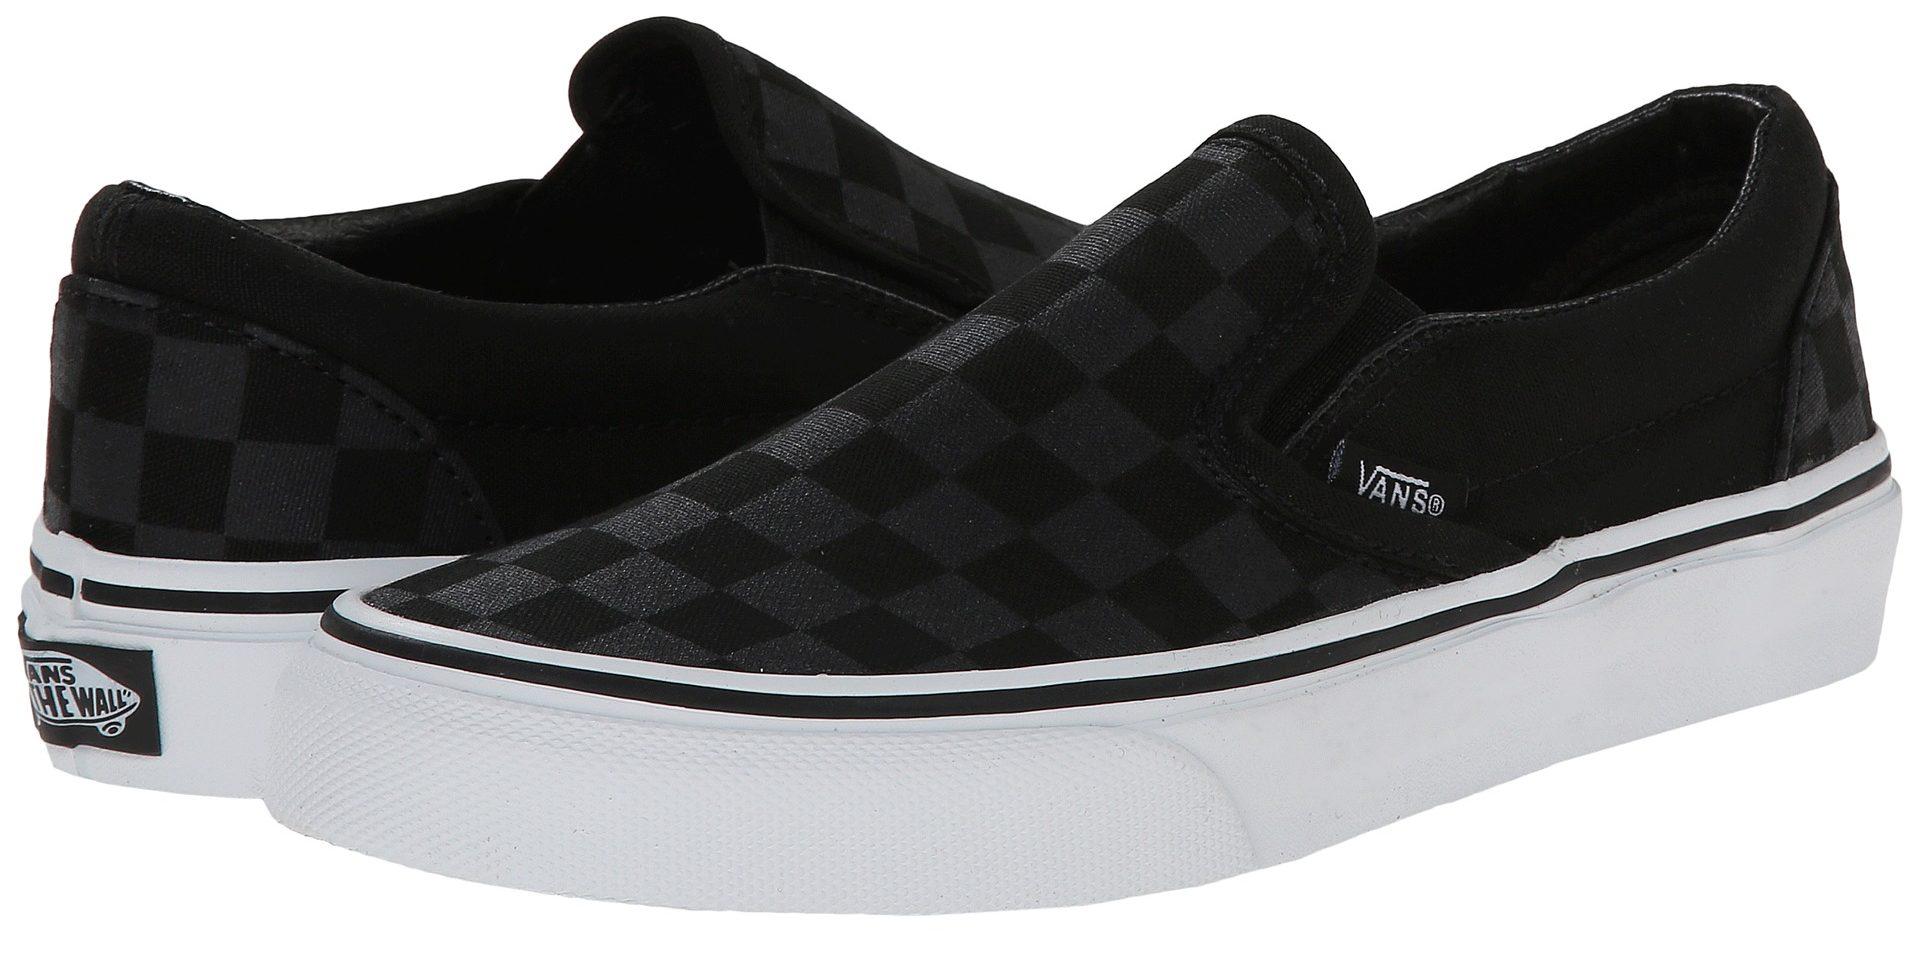 mens van shoes 2017: black on black checker lhbctmi